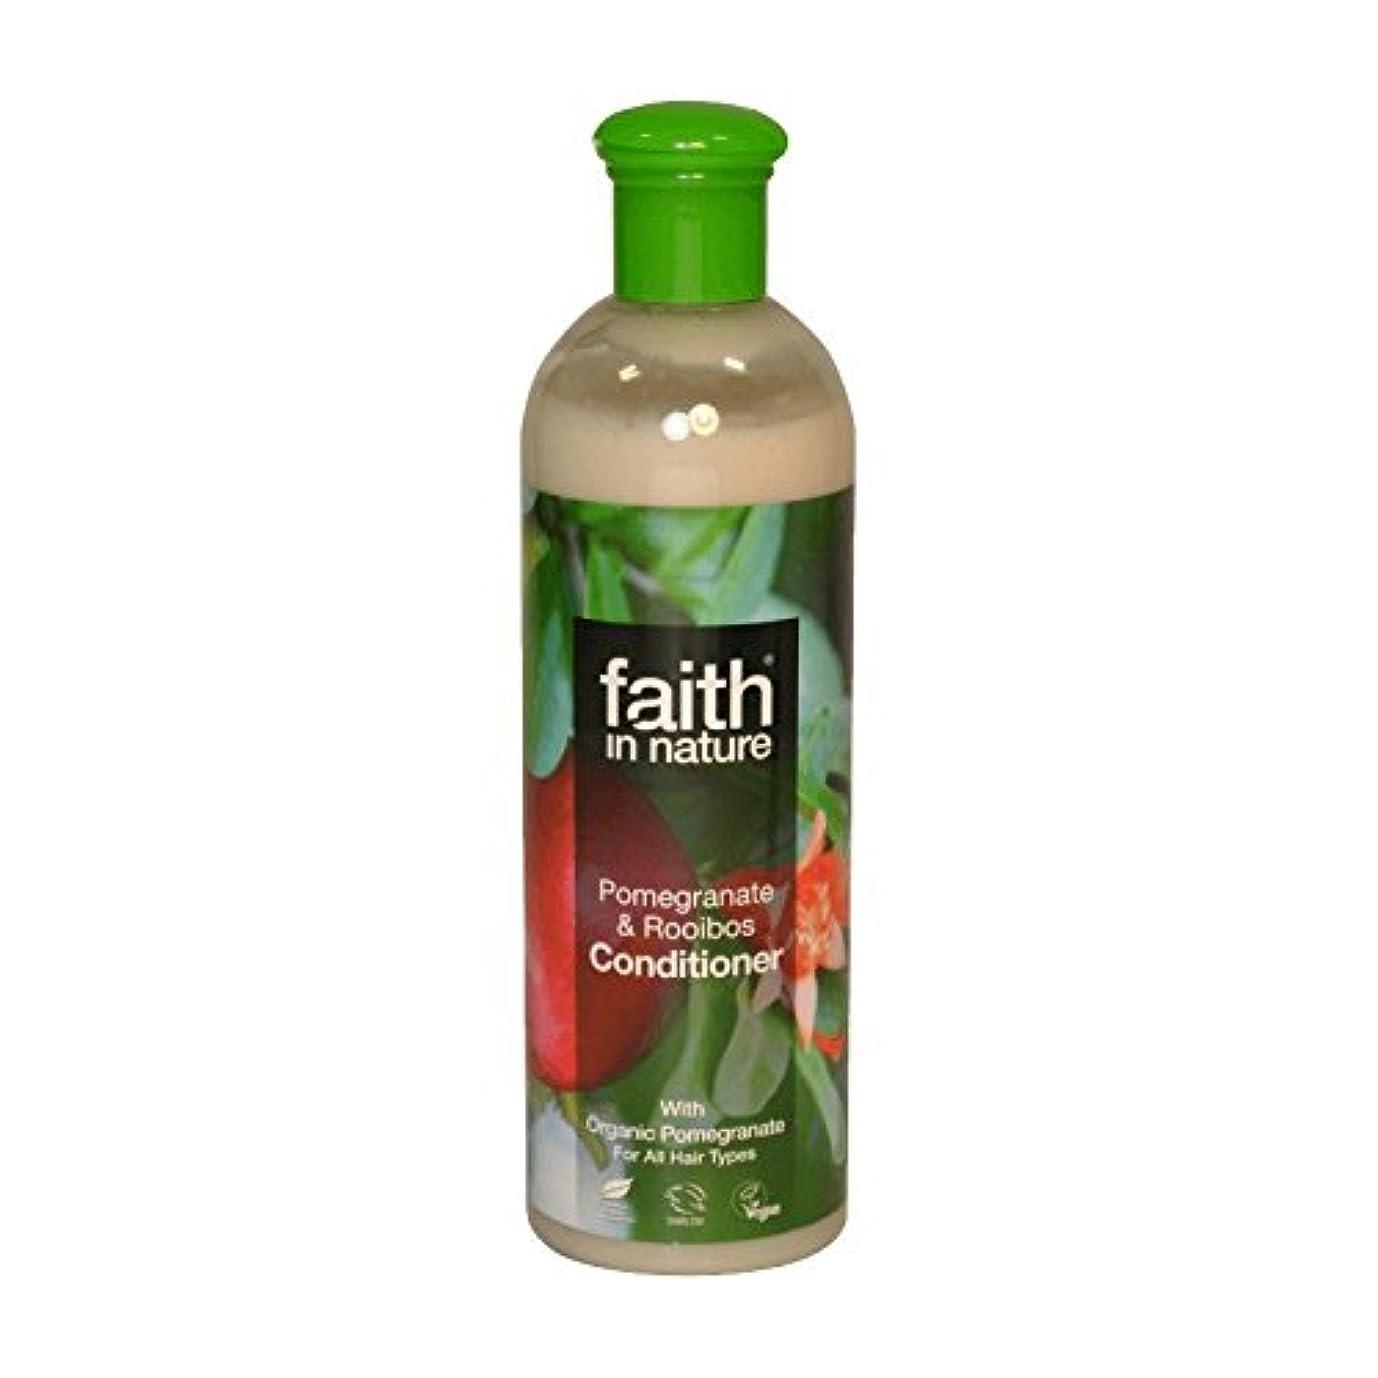 移行する古くなった苦痛Faith in Nature Pomegranate & Roobios Conditioner 400ml (Pack of 6) - 自然ザクロ&Roobiosコンディショナー400ミリリットルの信仰 (x6) [並行輸入品]